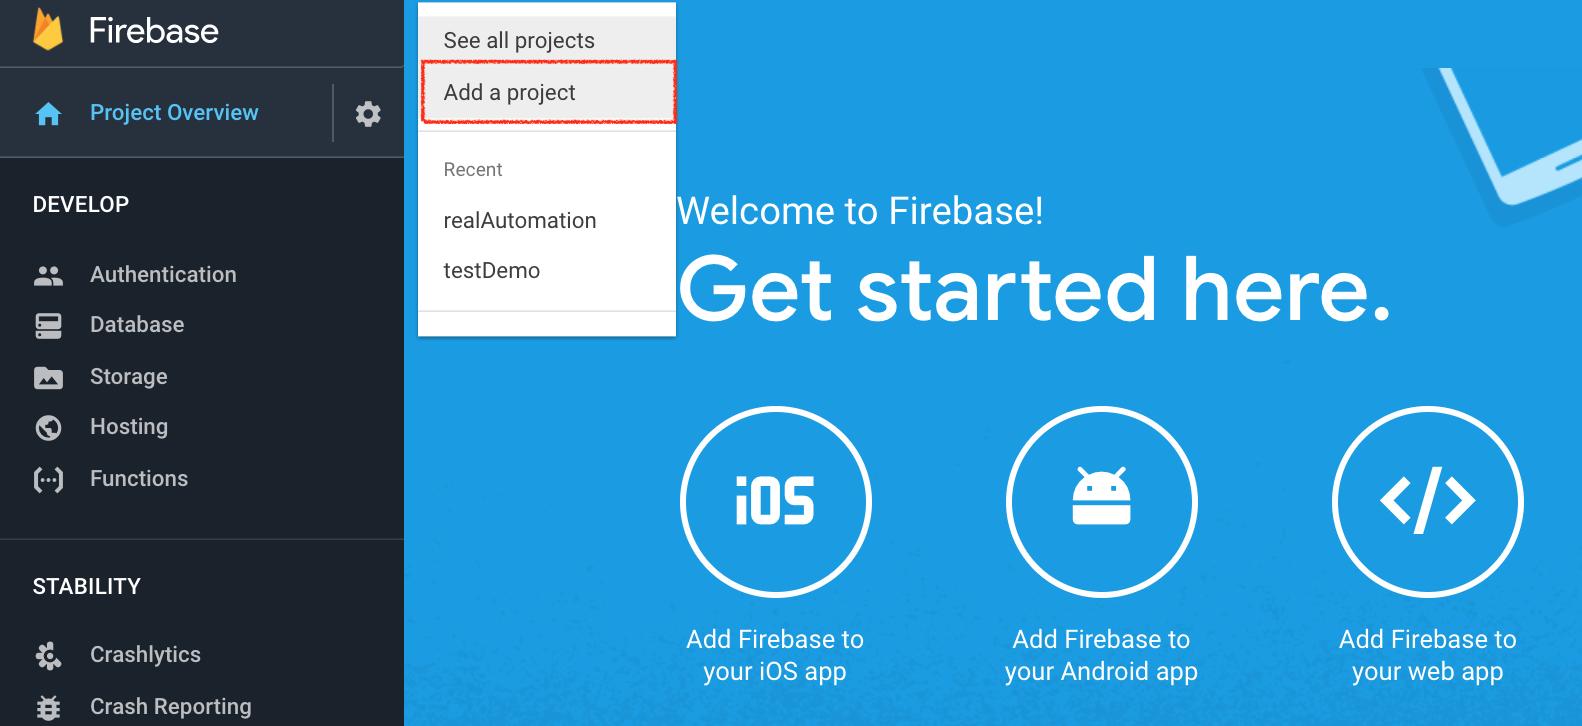 google-firebase-addProject-page